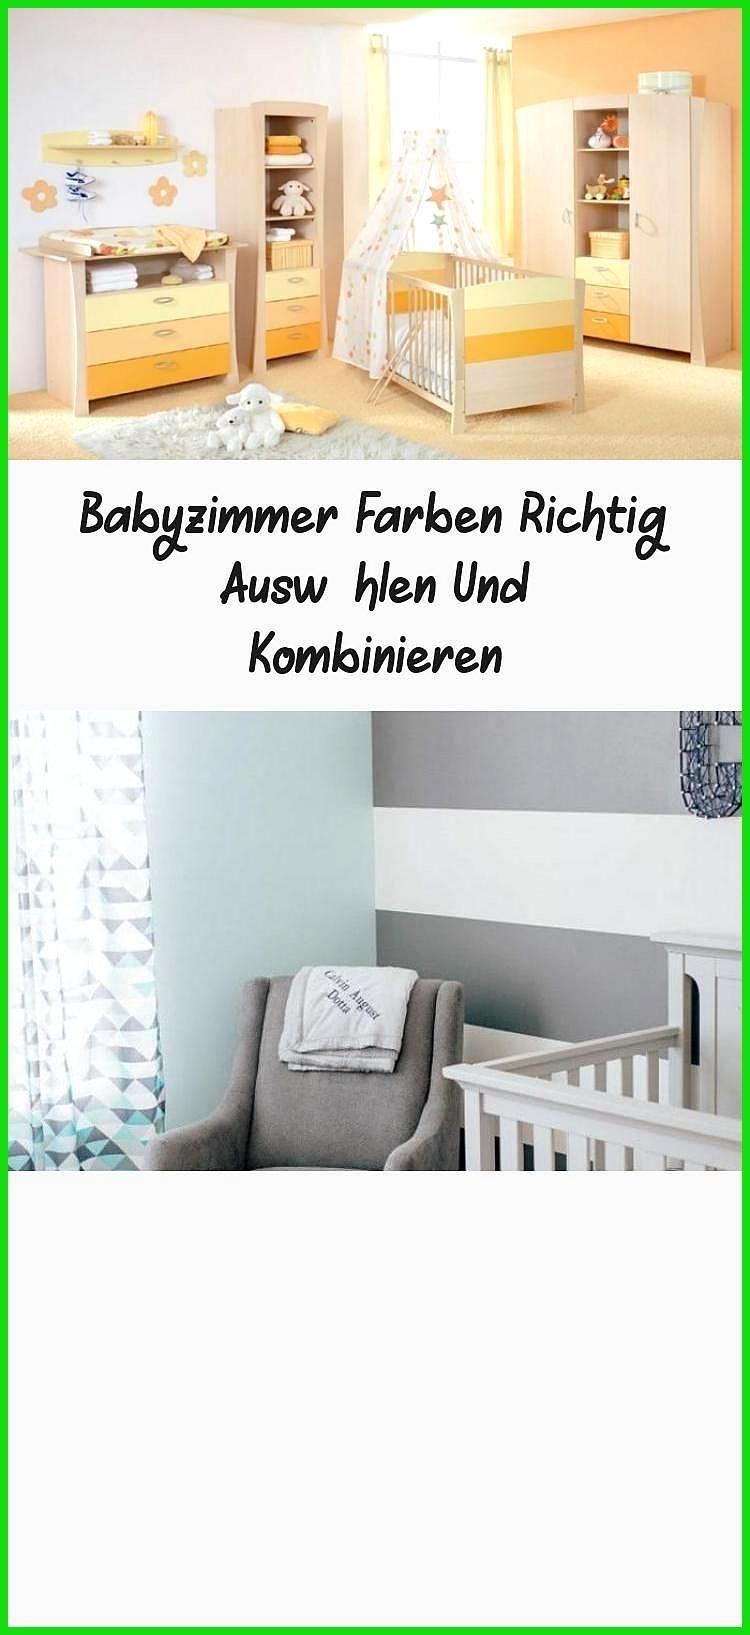 Babyzimmerfarben Richtig Auswählen Und Kombinieren Babyzimmerfarben Richtig Babyzimmerfarben Richtig Auswäh Babyzimmer Farben Zimmer Farben Babyzimmer